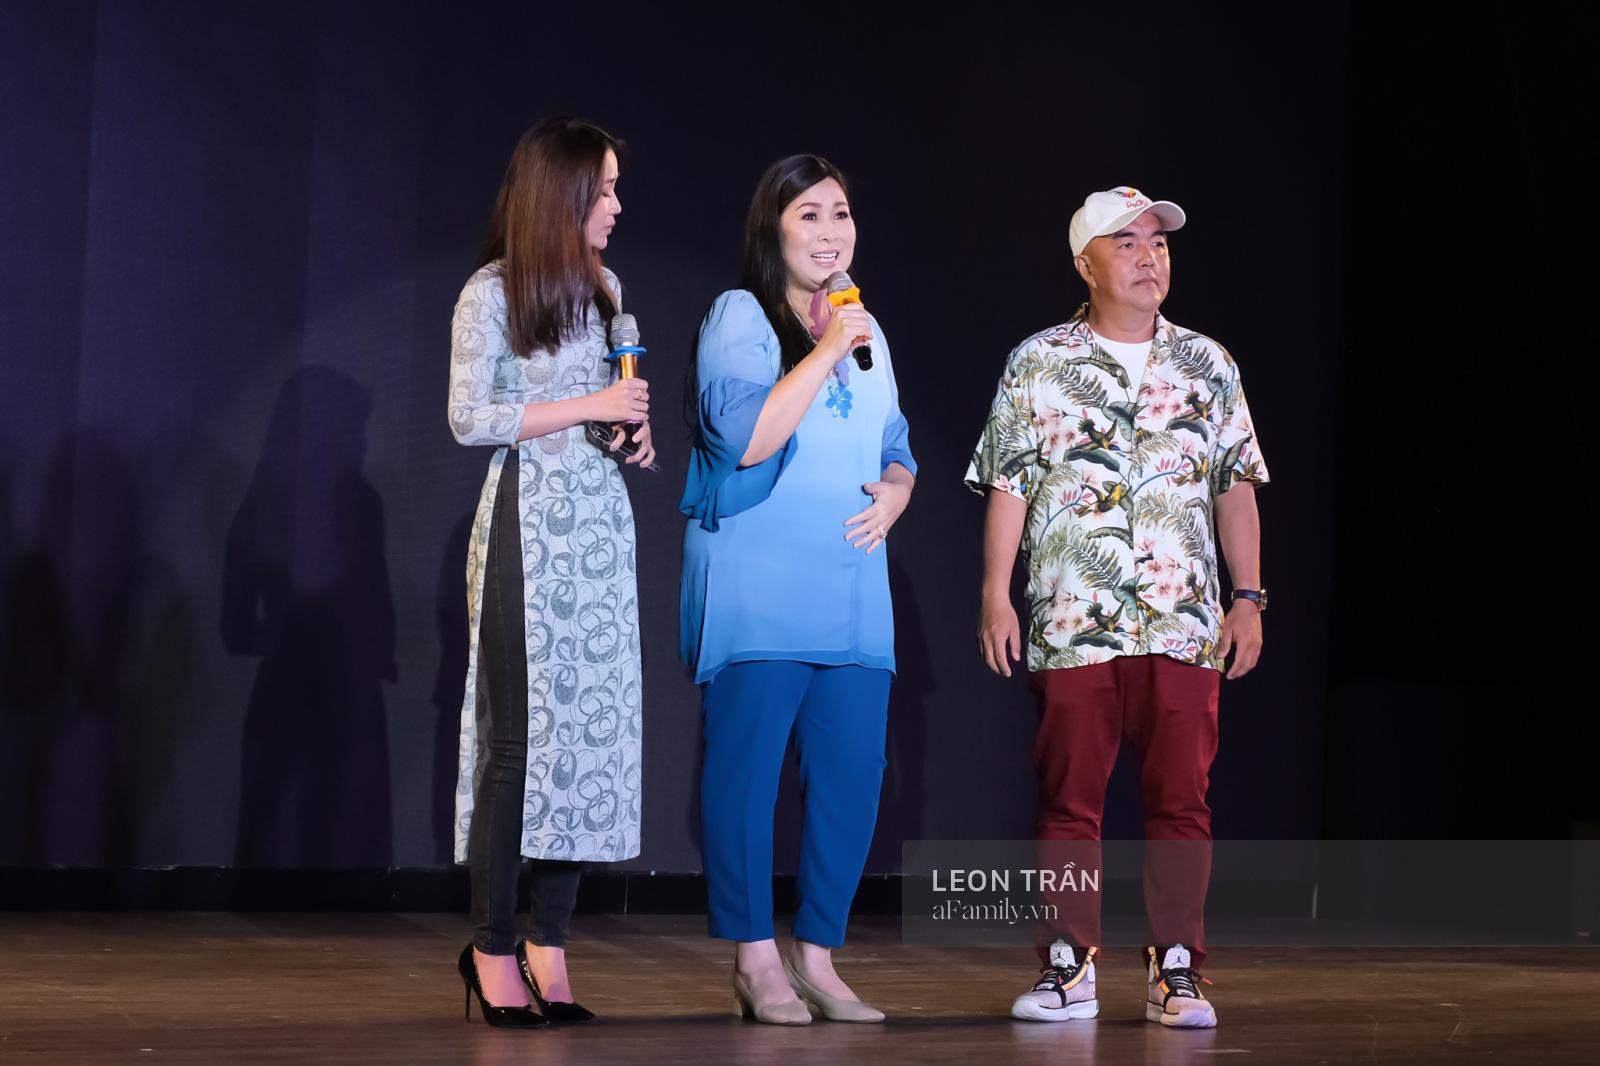 Dàn diễn viên hài quy tụ mừng Hồng Vân ra mắt phim mới - Ảnh 2.